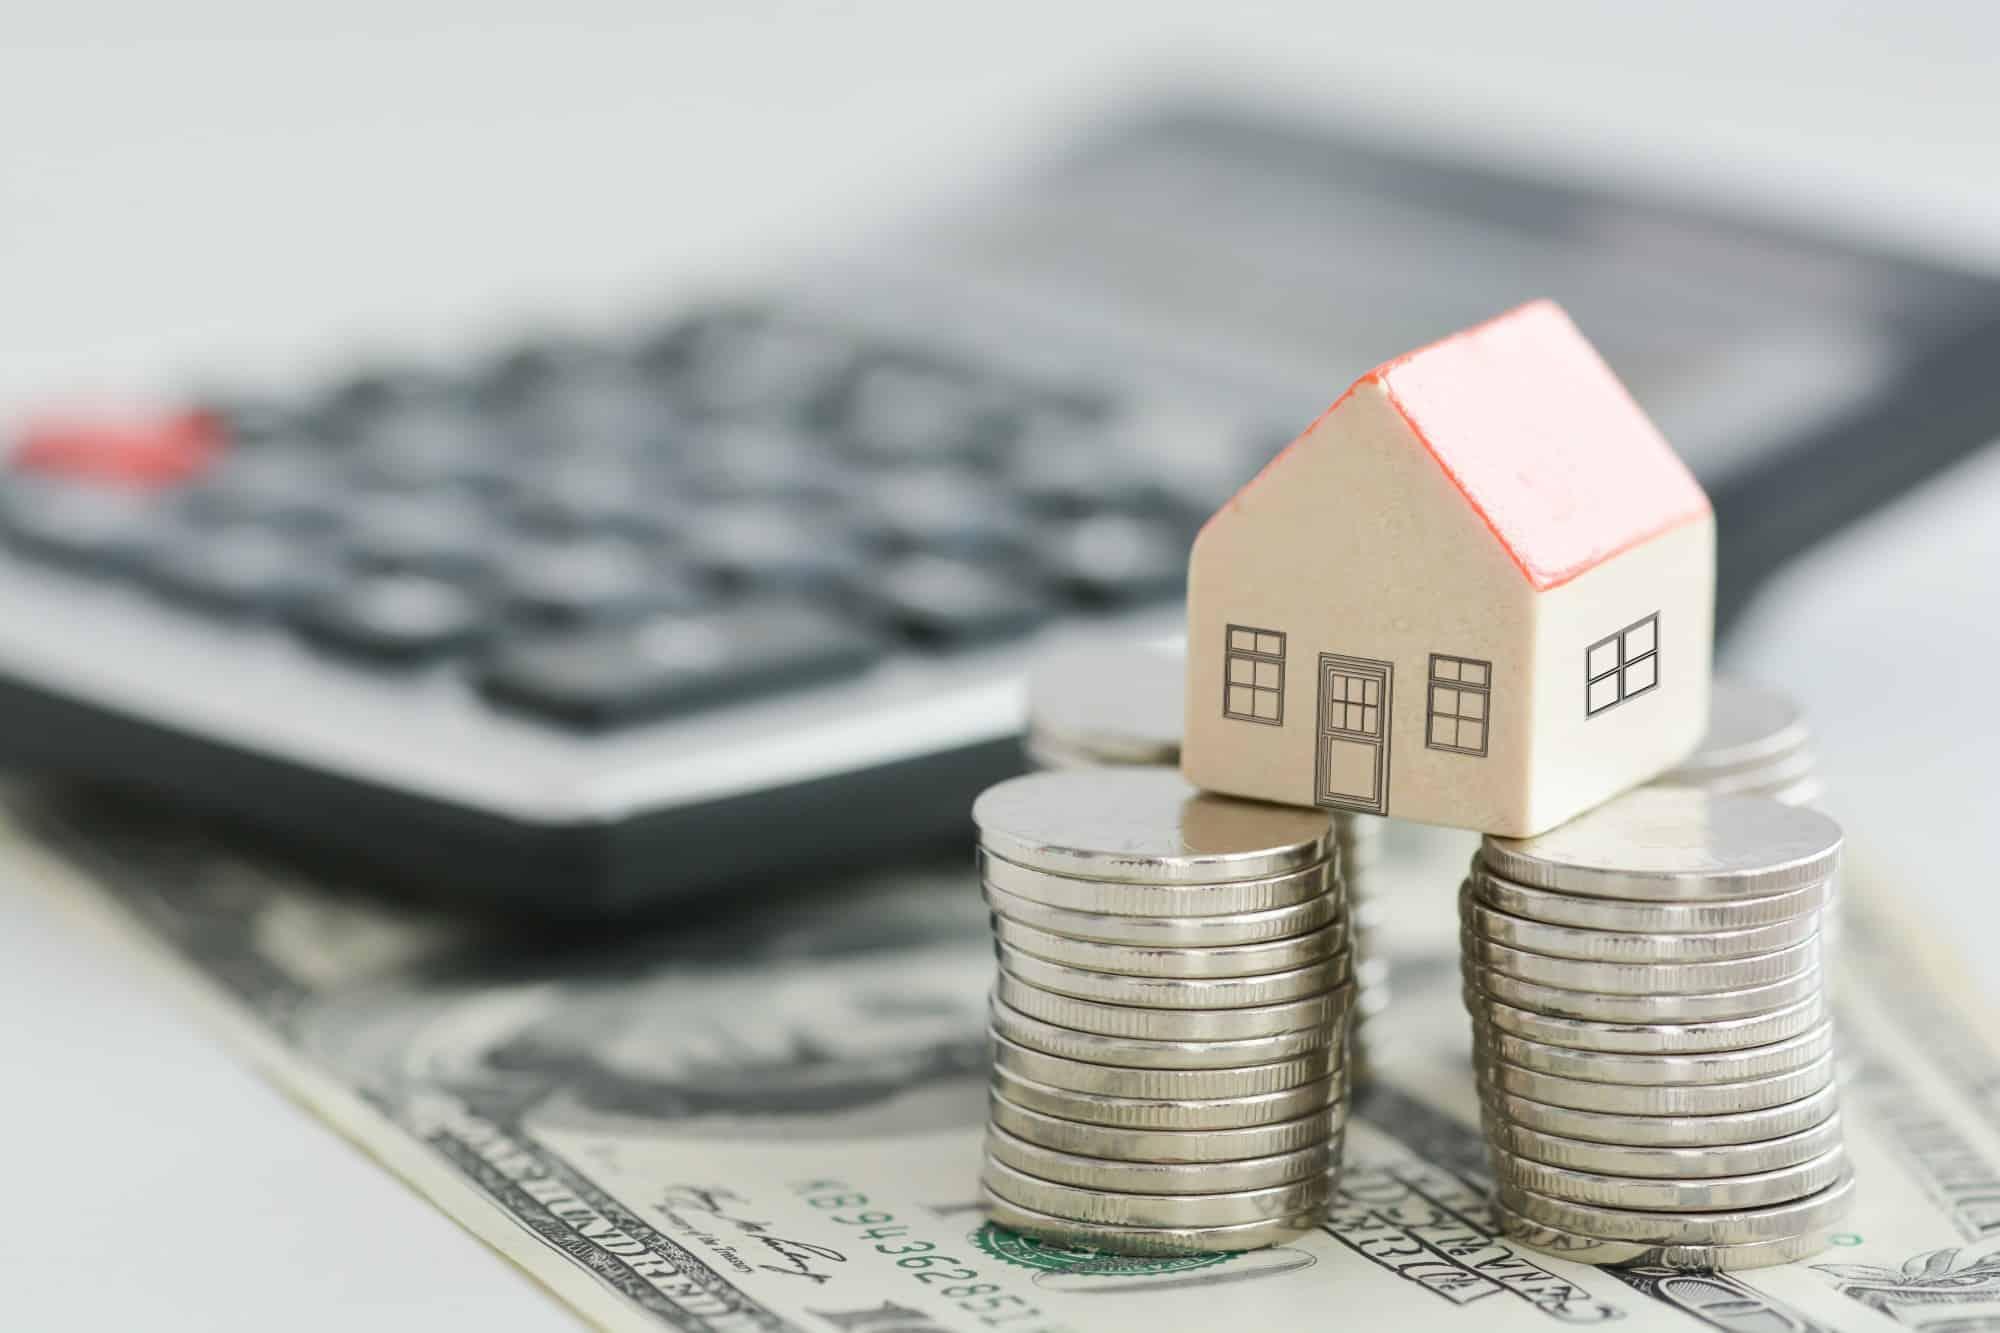 Maison à louer : Ce que la location de notre maison nous a apporté